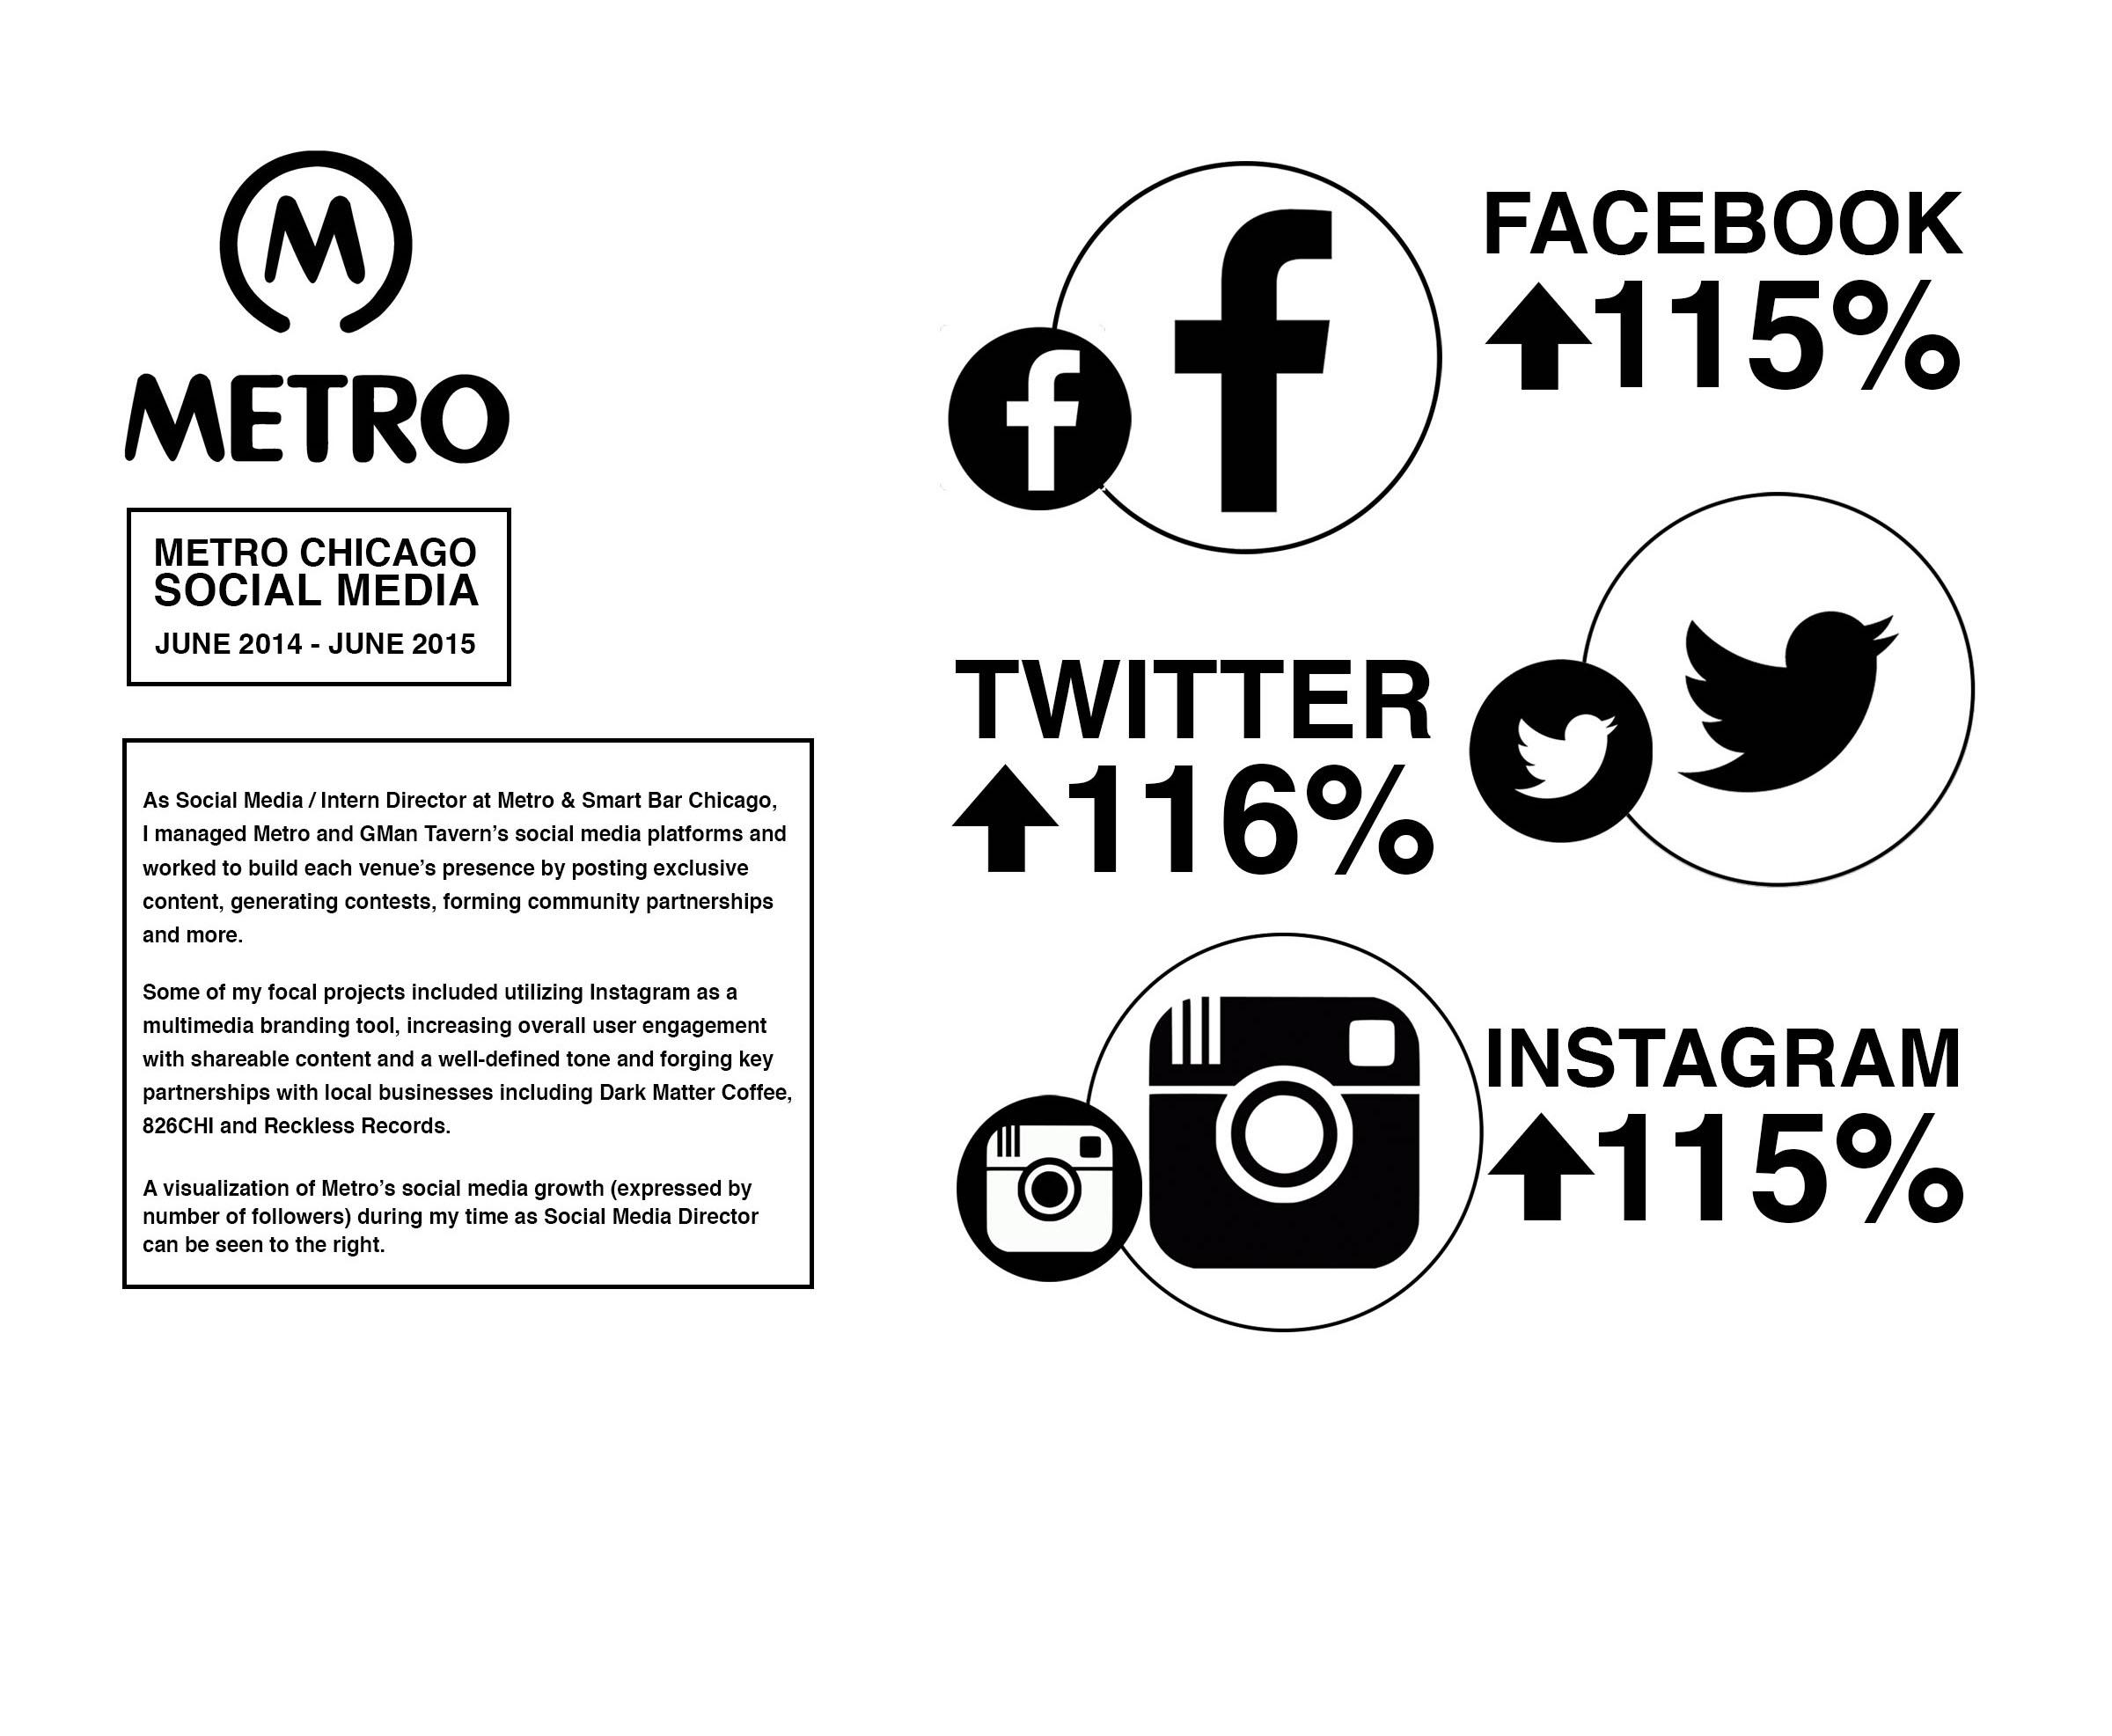 metro infographic.jpg